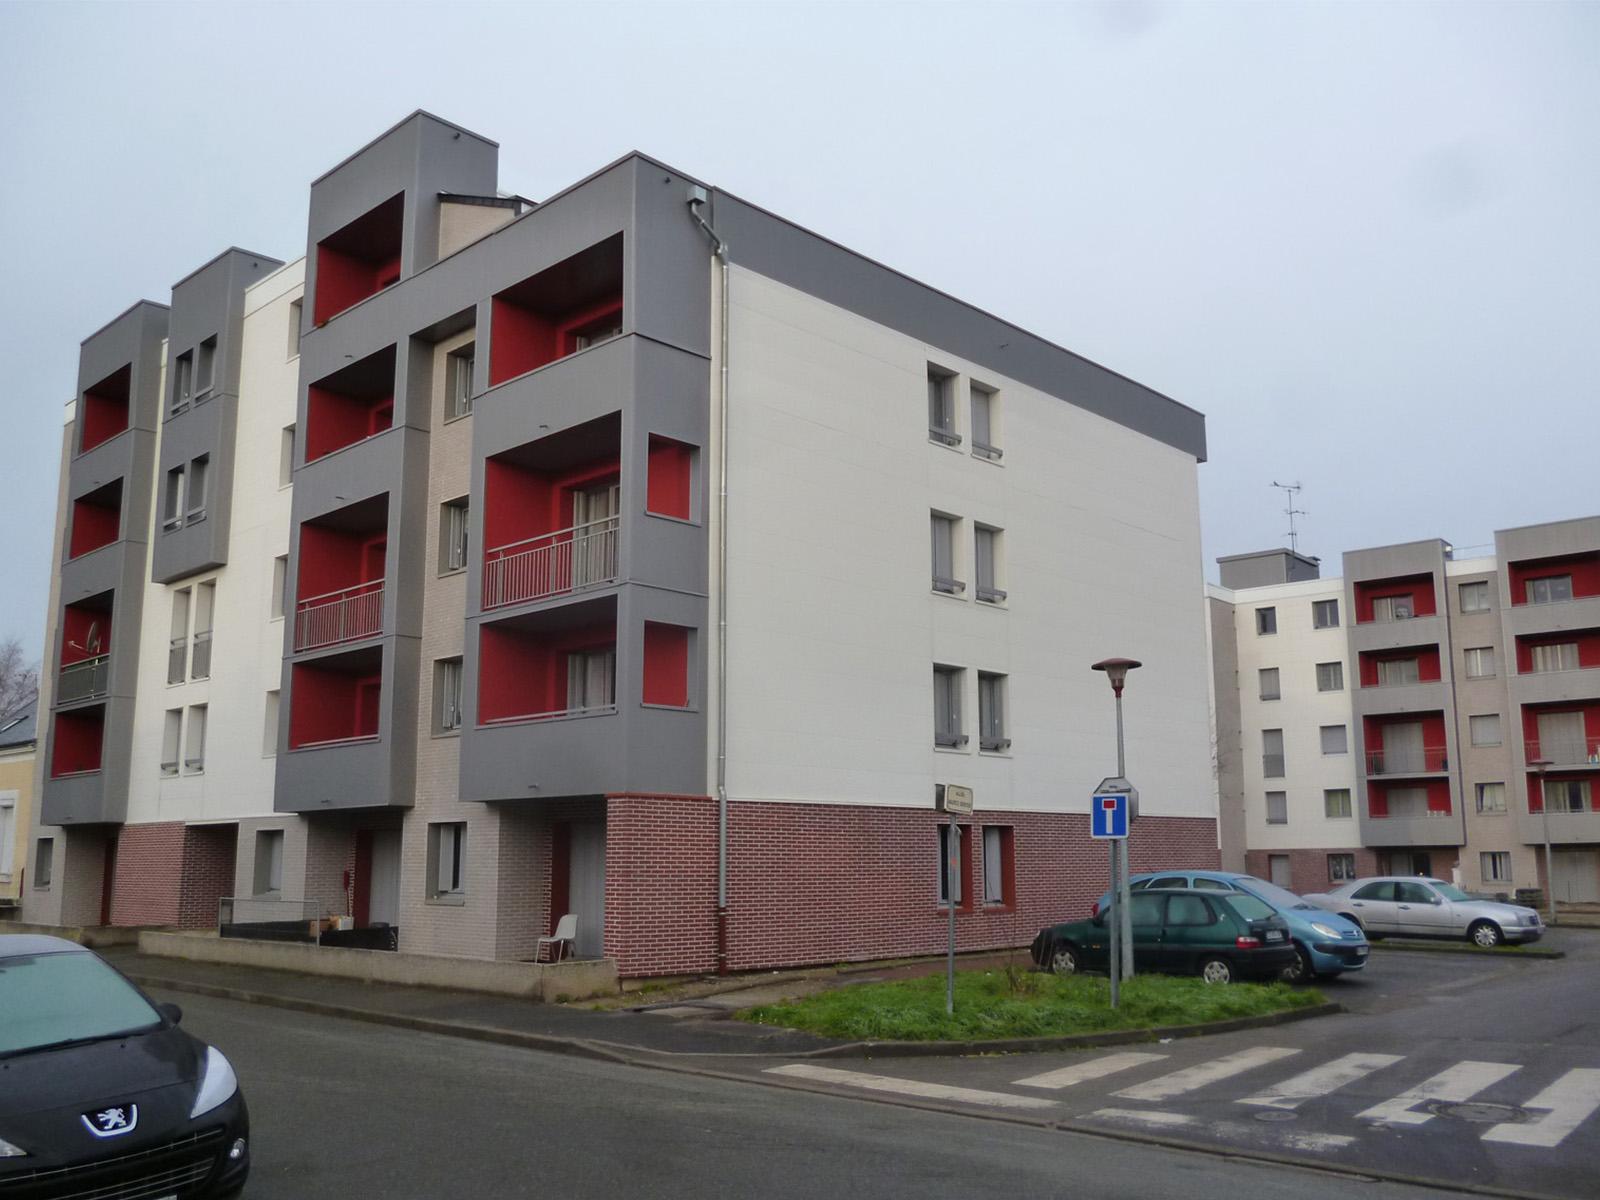 podeliha-rousseau-C2V-architectes